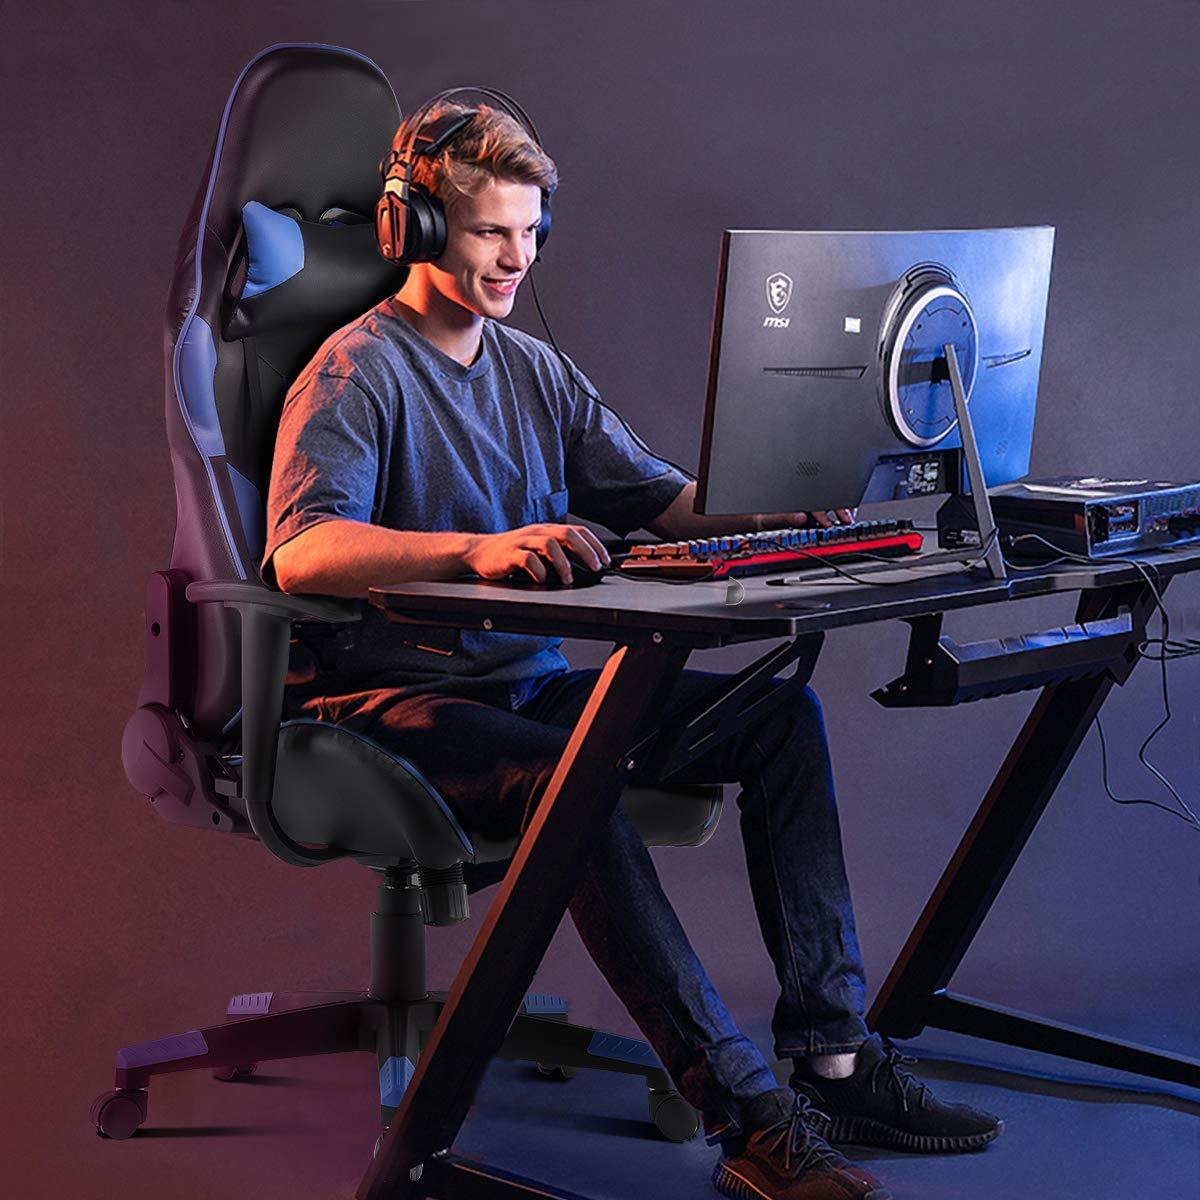 YAMASORO spelstol ergonomisk datorstol med högt ryggstöd, racerstol med justerbar höjd och ländrygg stöd för tonåringar vuxna (blå) Röd